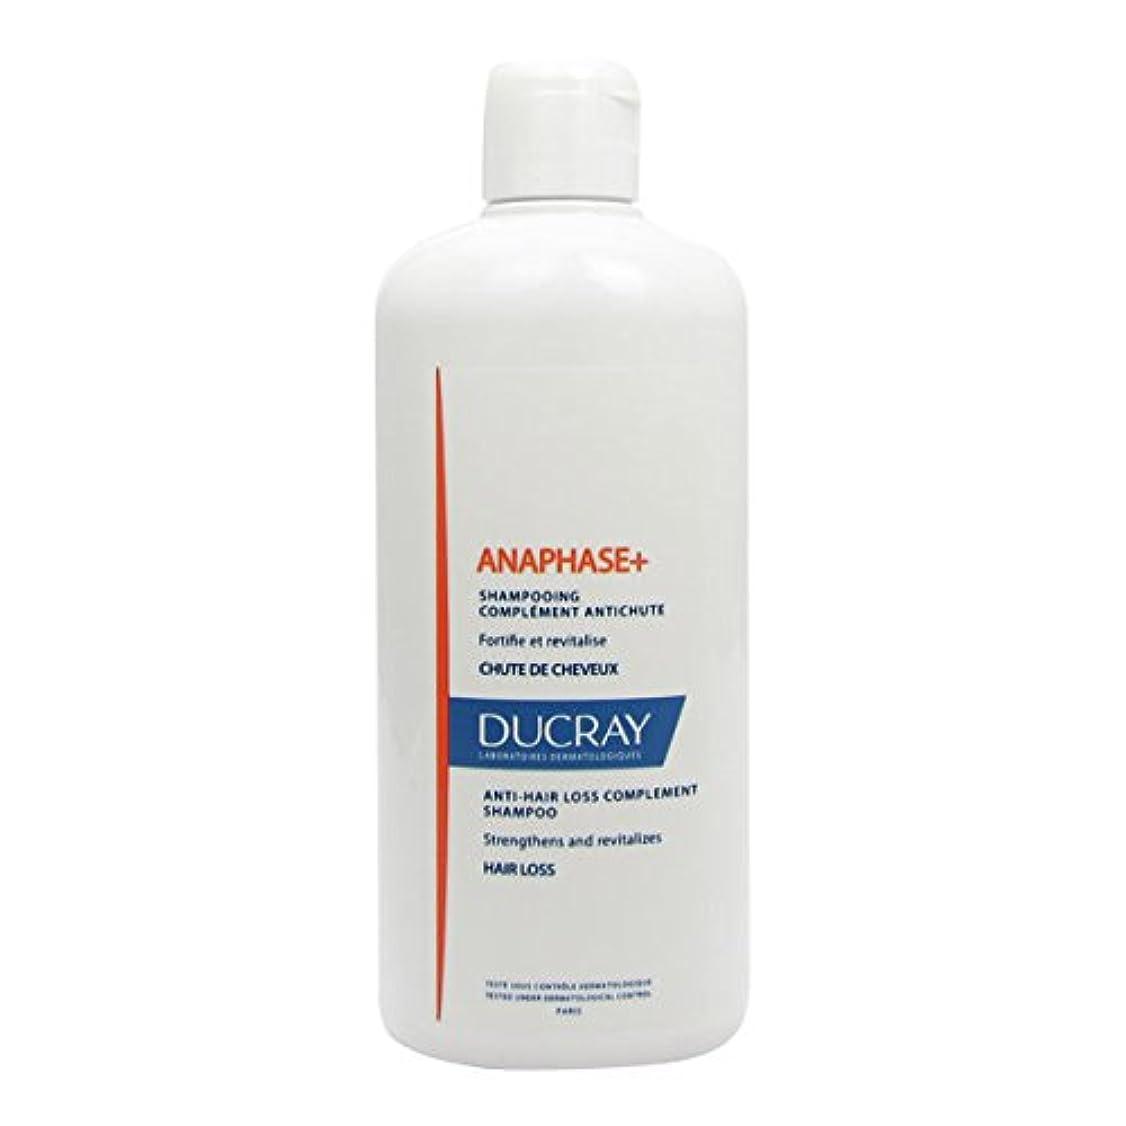 スポット聴覚障害者Ducray Anaphase Shampoo 400ml [並行輸入品]